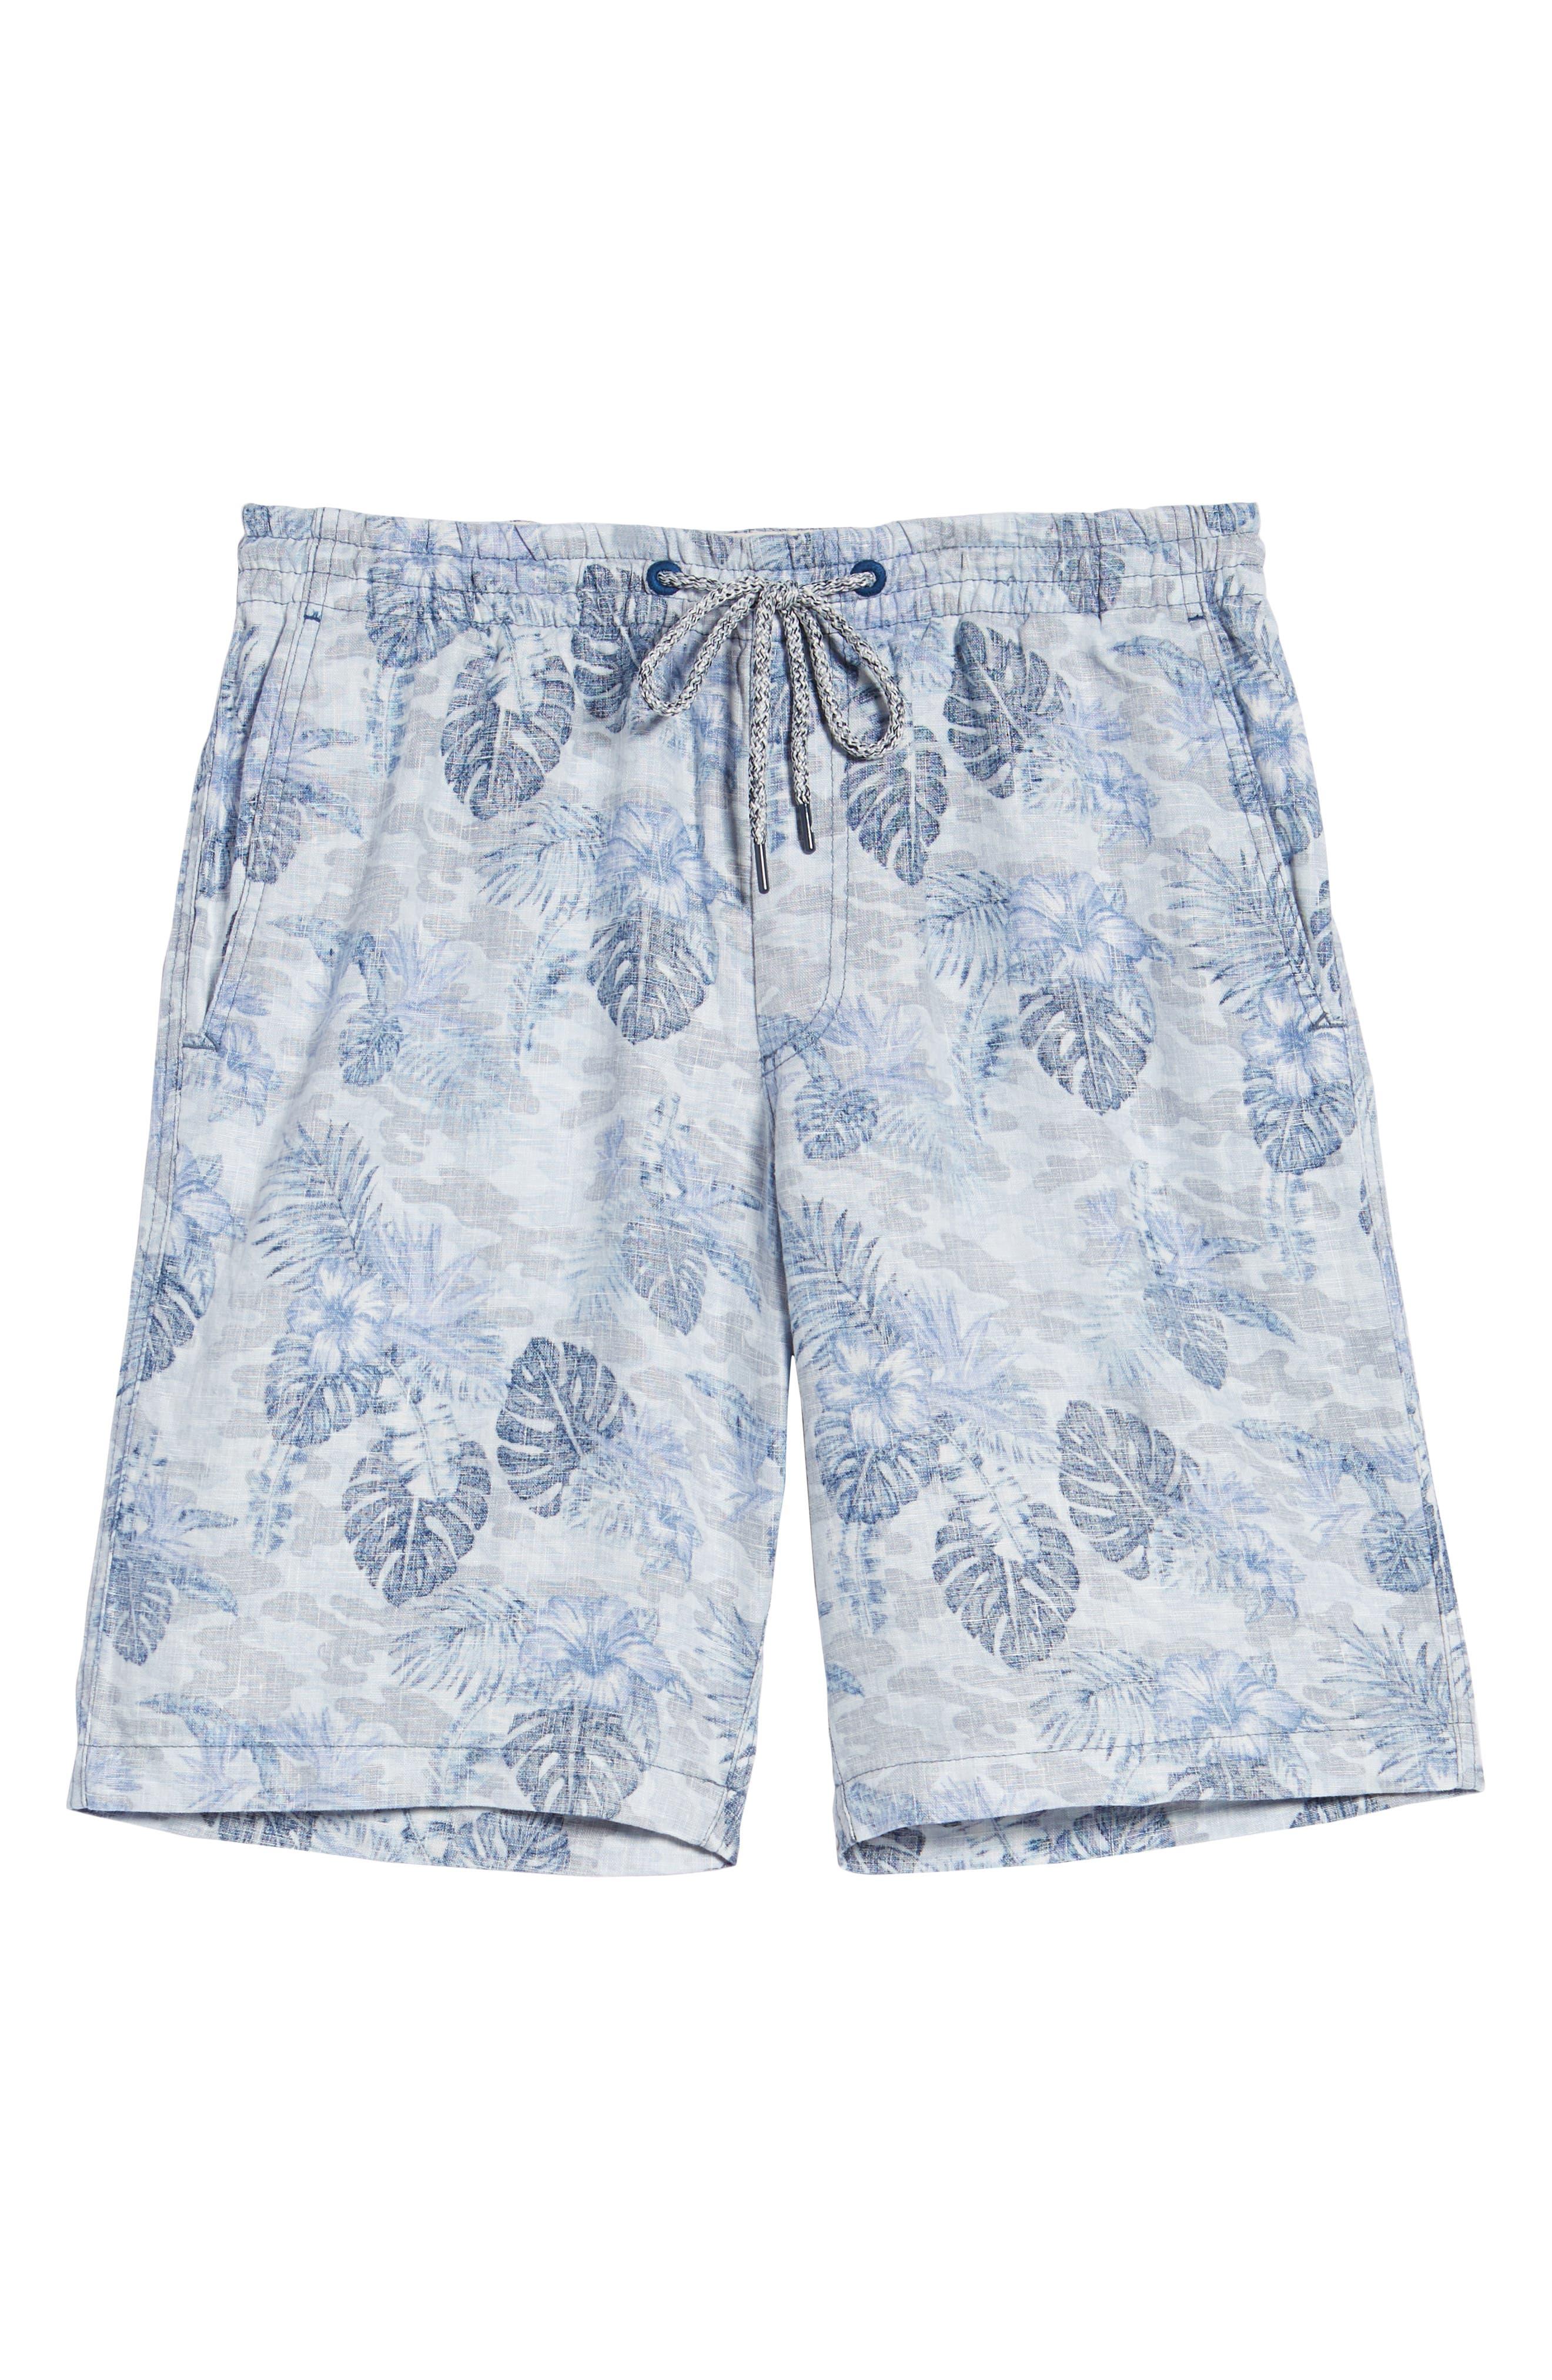 Tidal Palms Linen Shorts,                             Alternate thumbnail 6, color,                             Med Sky Blue